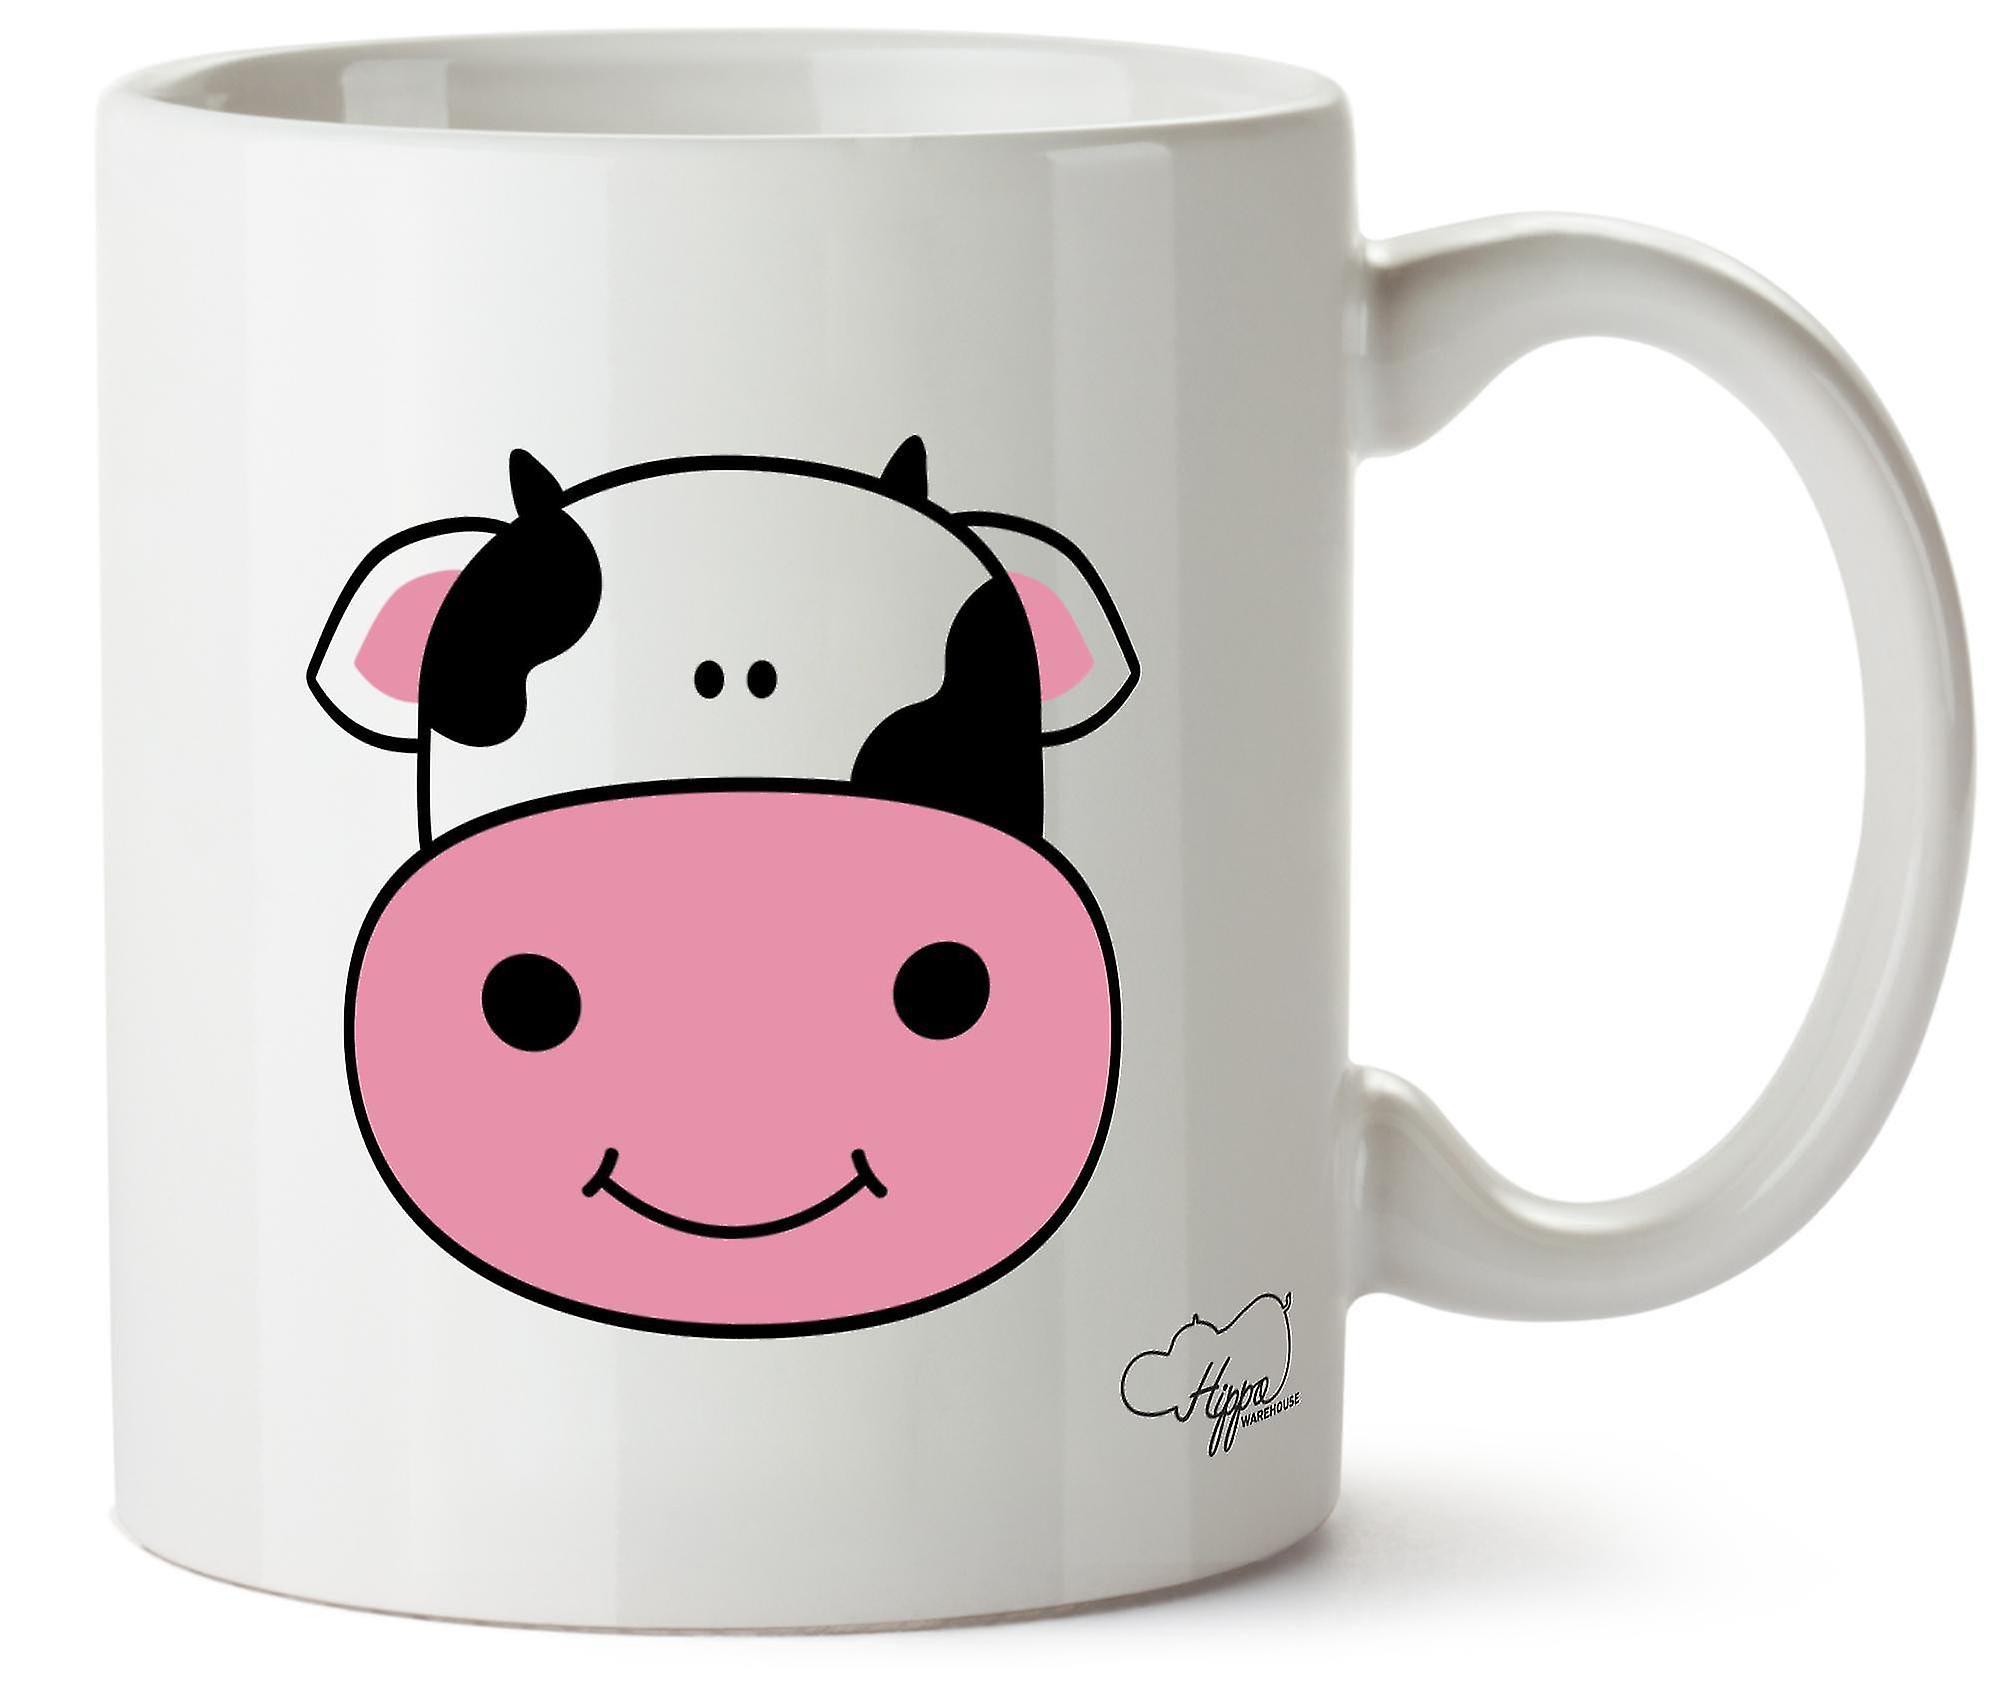 10oz En Céramique Imprimé Vache Hippowarehouse Tasse bf7Yg6y